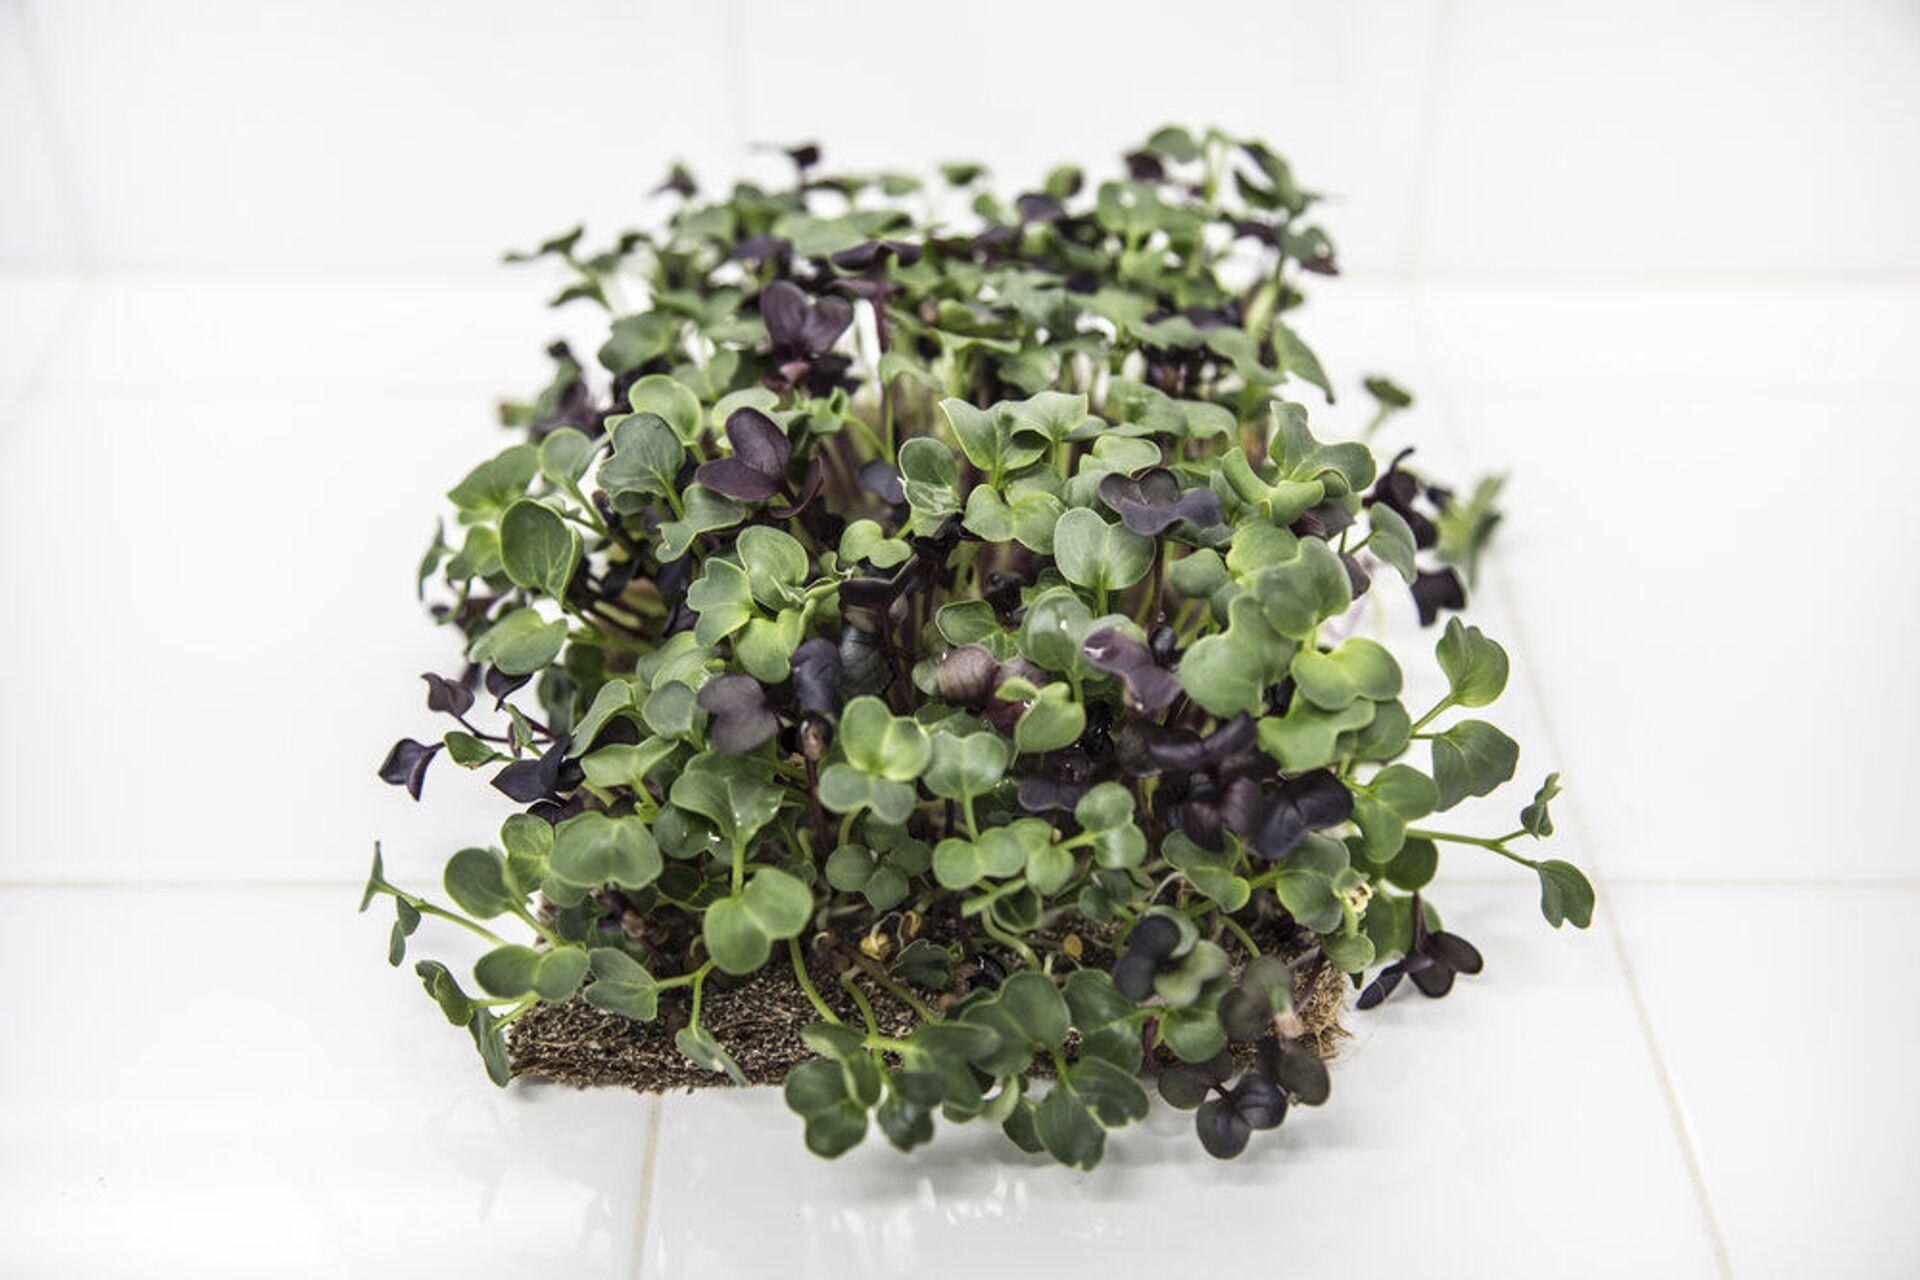 Ekonoke también vende micro greens, las primeras hojitas de la semilla - Sputnik Mundo, 1920, 11.02.2021